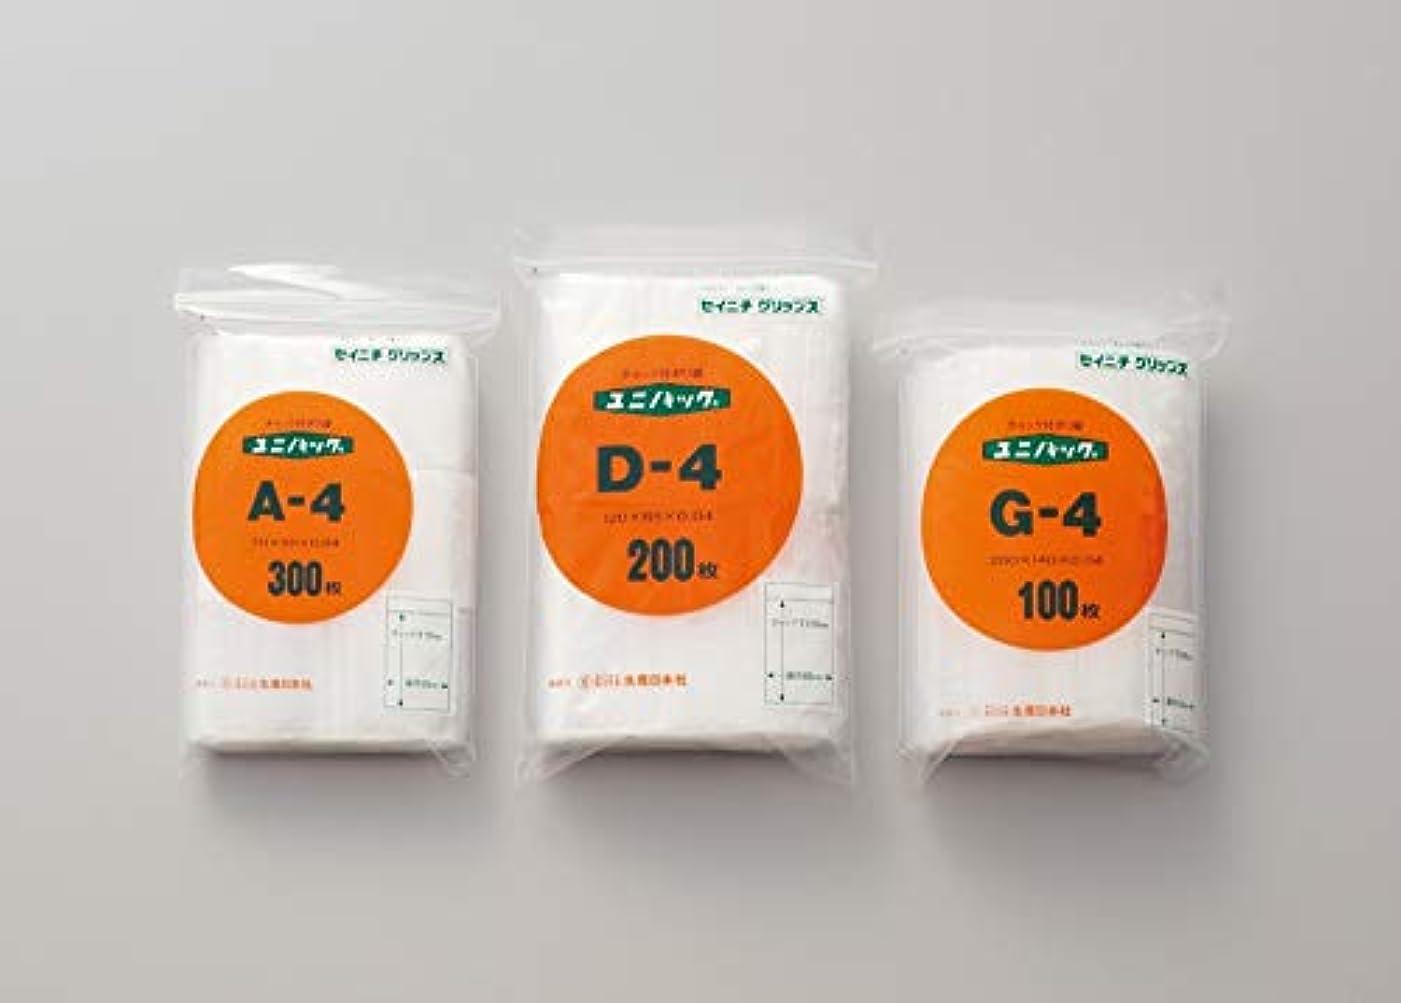 ユニパック G-4 100枚入 単位:100枚入/袋